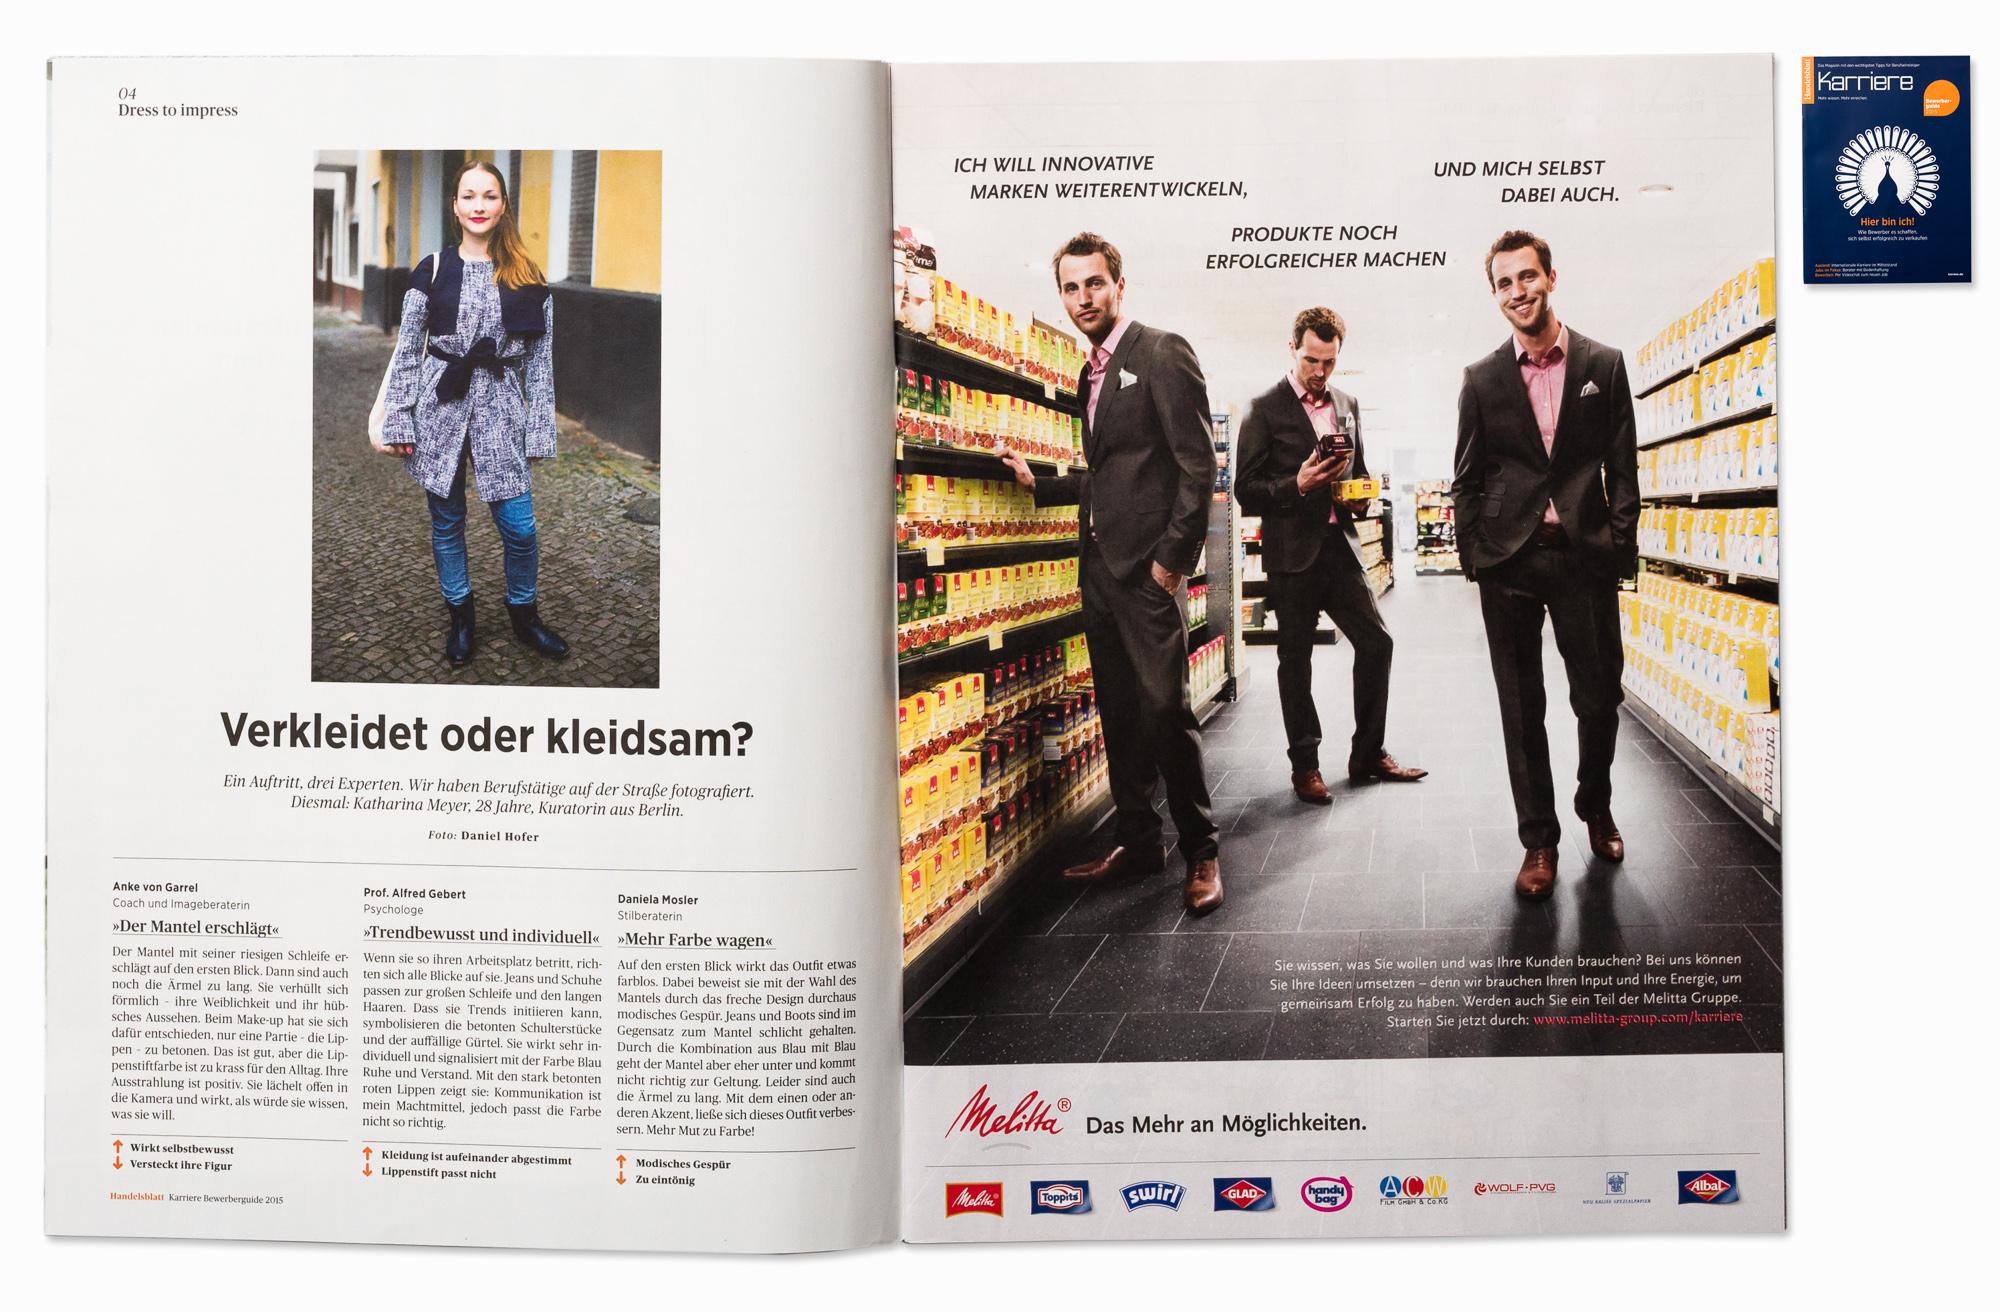 Katharina for Handelsblatt Karriere, Berlin, 2014